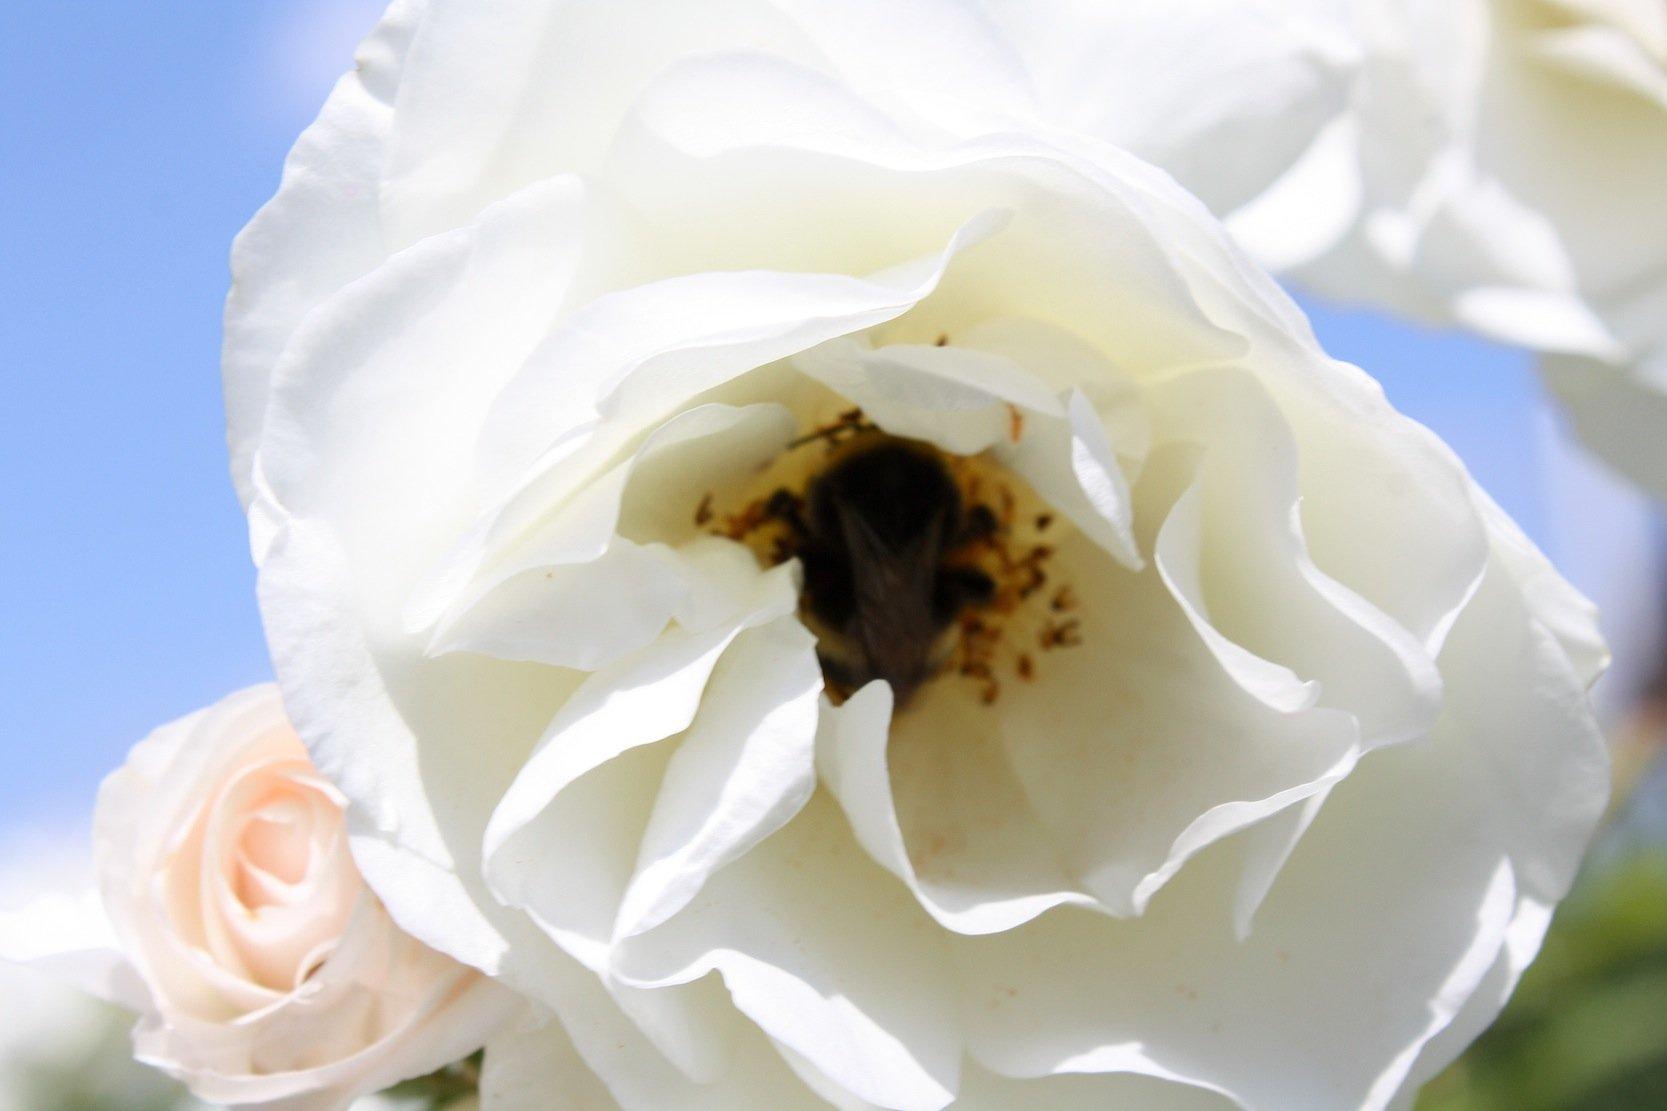 Eine Schneewittchen-Rose im Garten unseres Autors Detlef Stoller: Die Blütenblätter der Rose sind so optimal aufgebaut, dass sie das Sonnenlicht auch aus verschiedenen Richtungen optimal nutzen können.